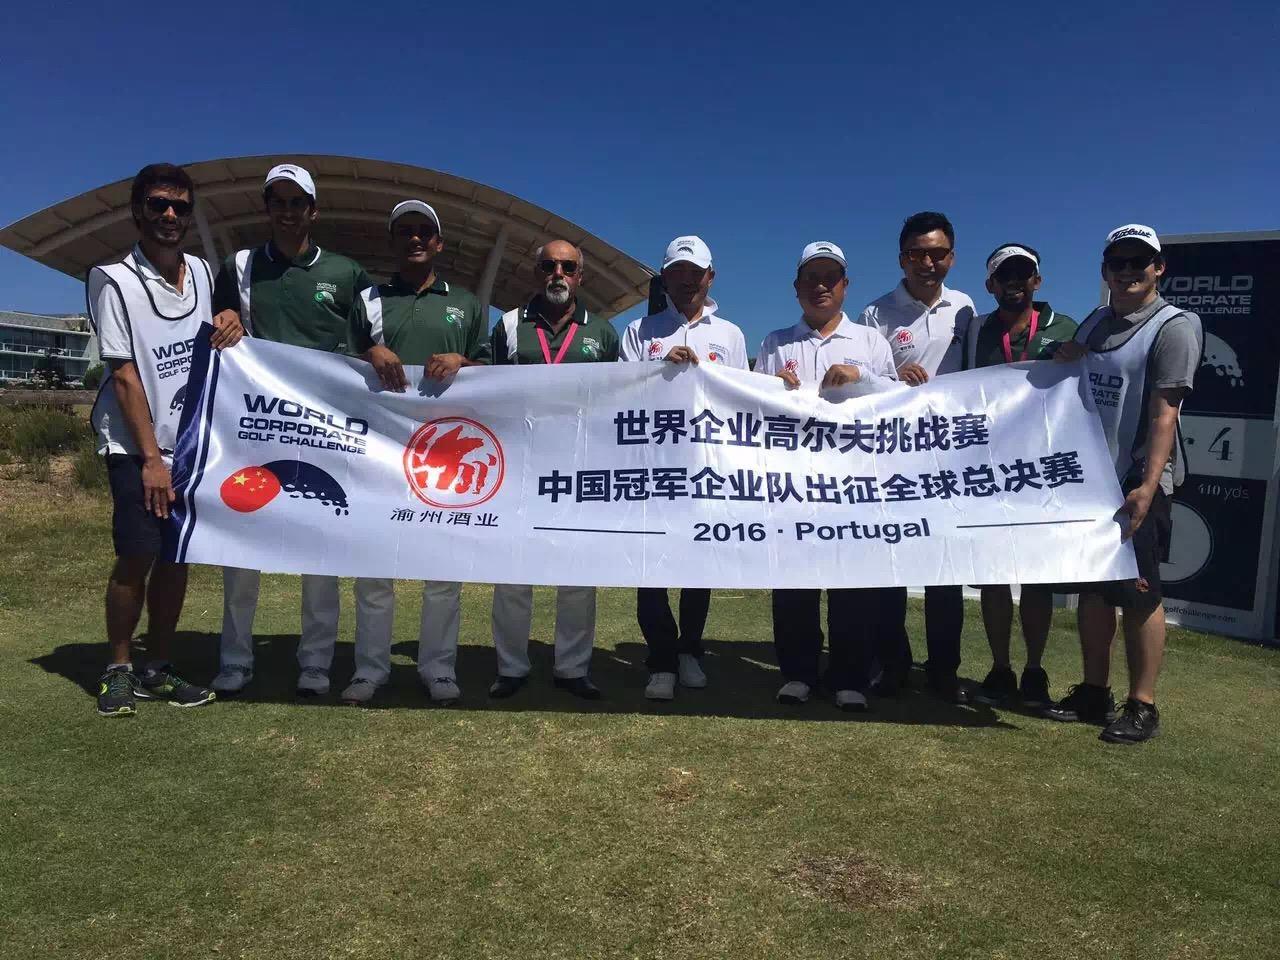 中国代表队与同组巴基斯坦队发球台合影